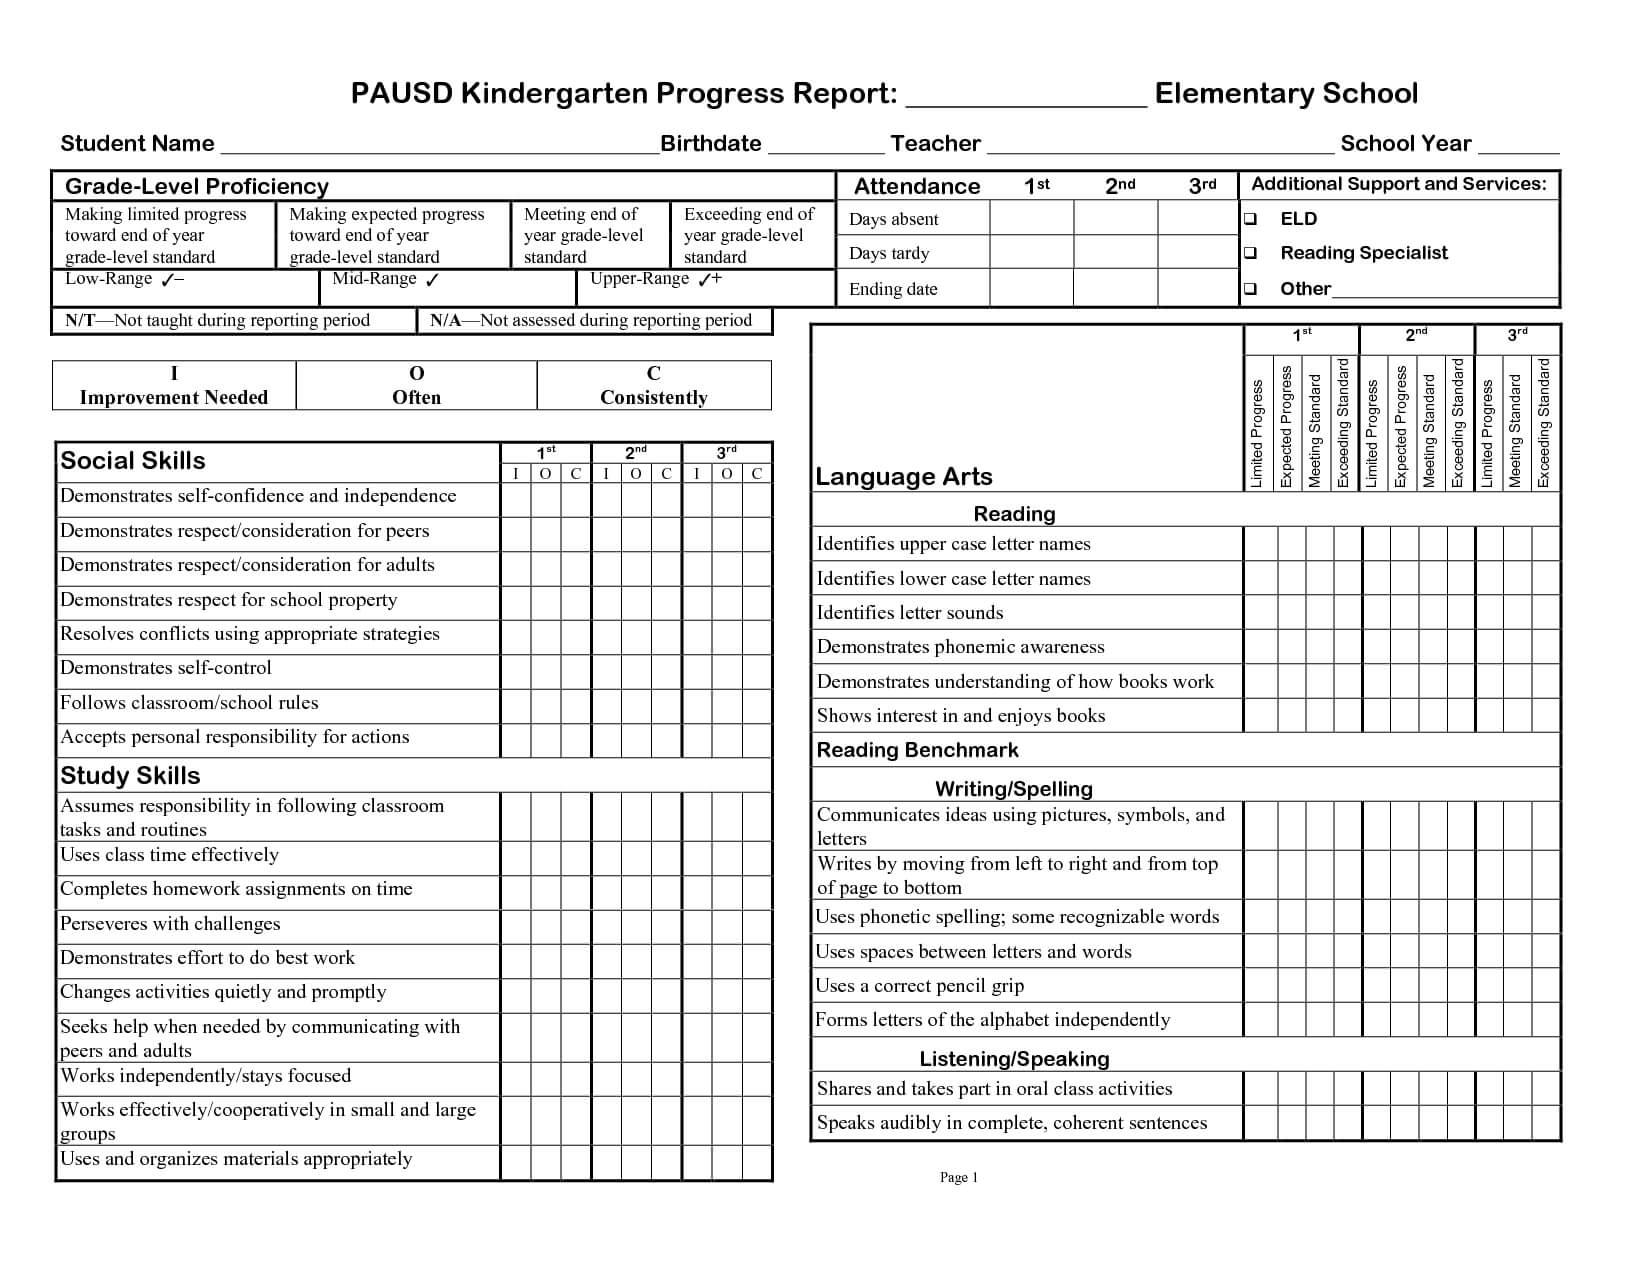 Kindergarten Social Skills Progress Report Blank Templates With Regard To School Progress Report Template